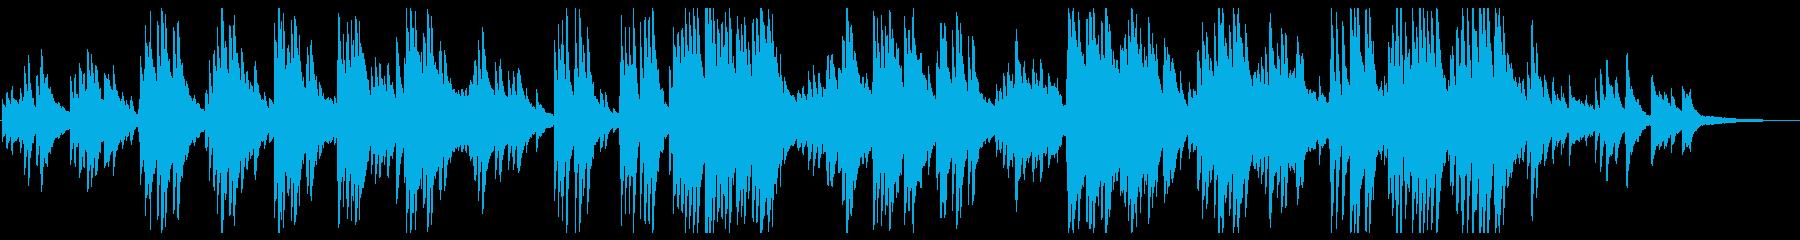 ピアノの響きが心地よい曲の再生済みの波形